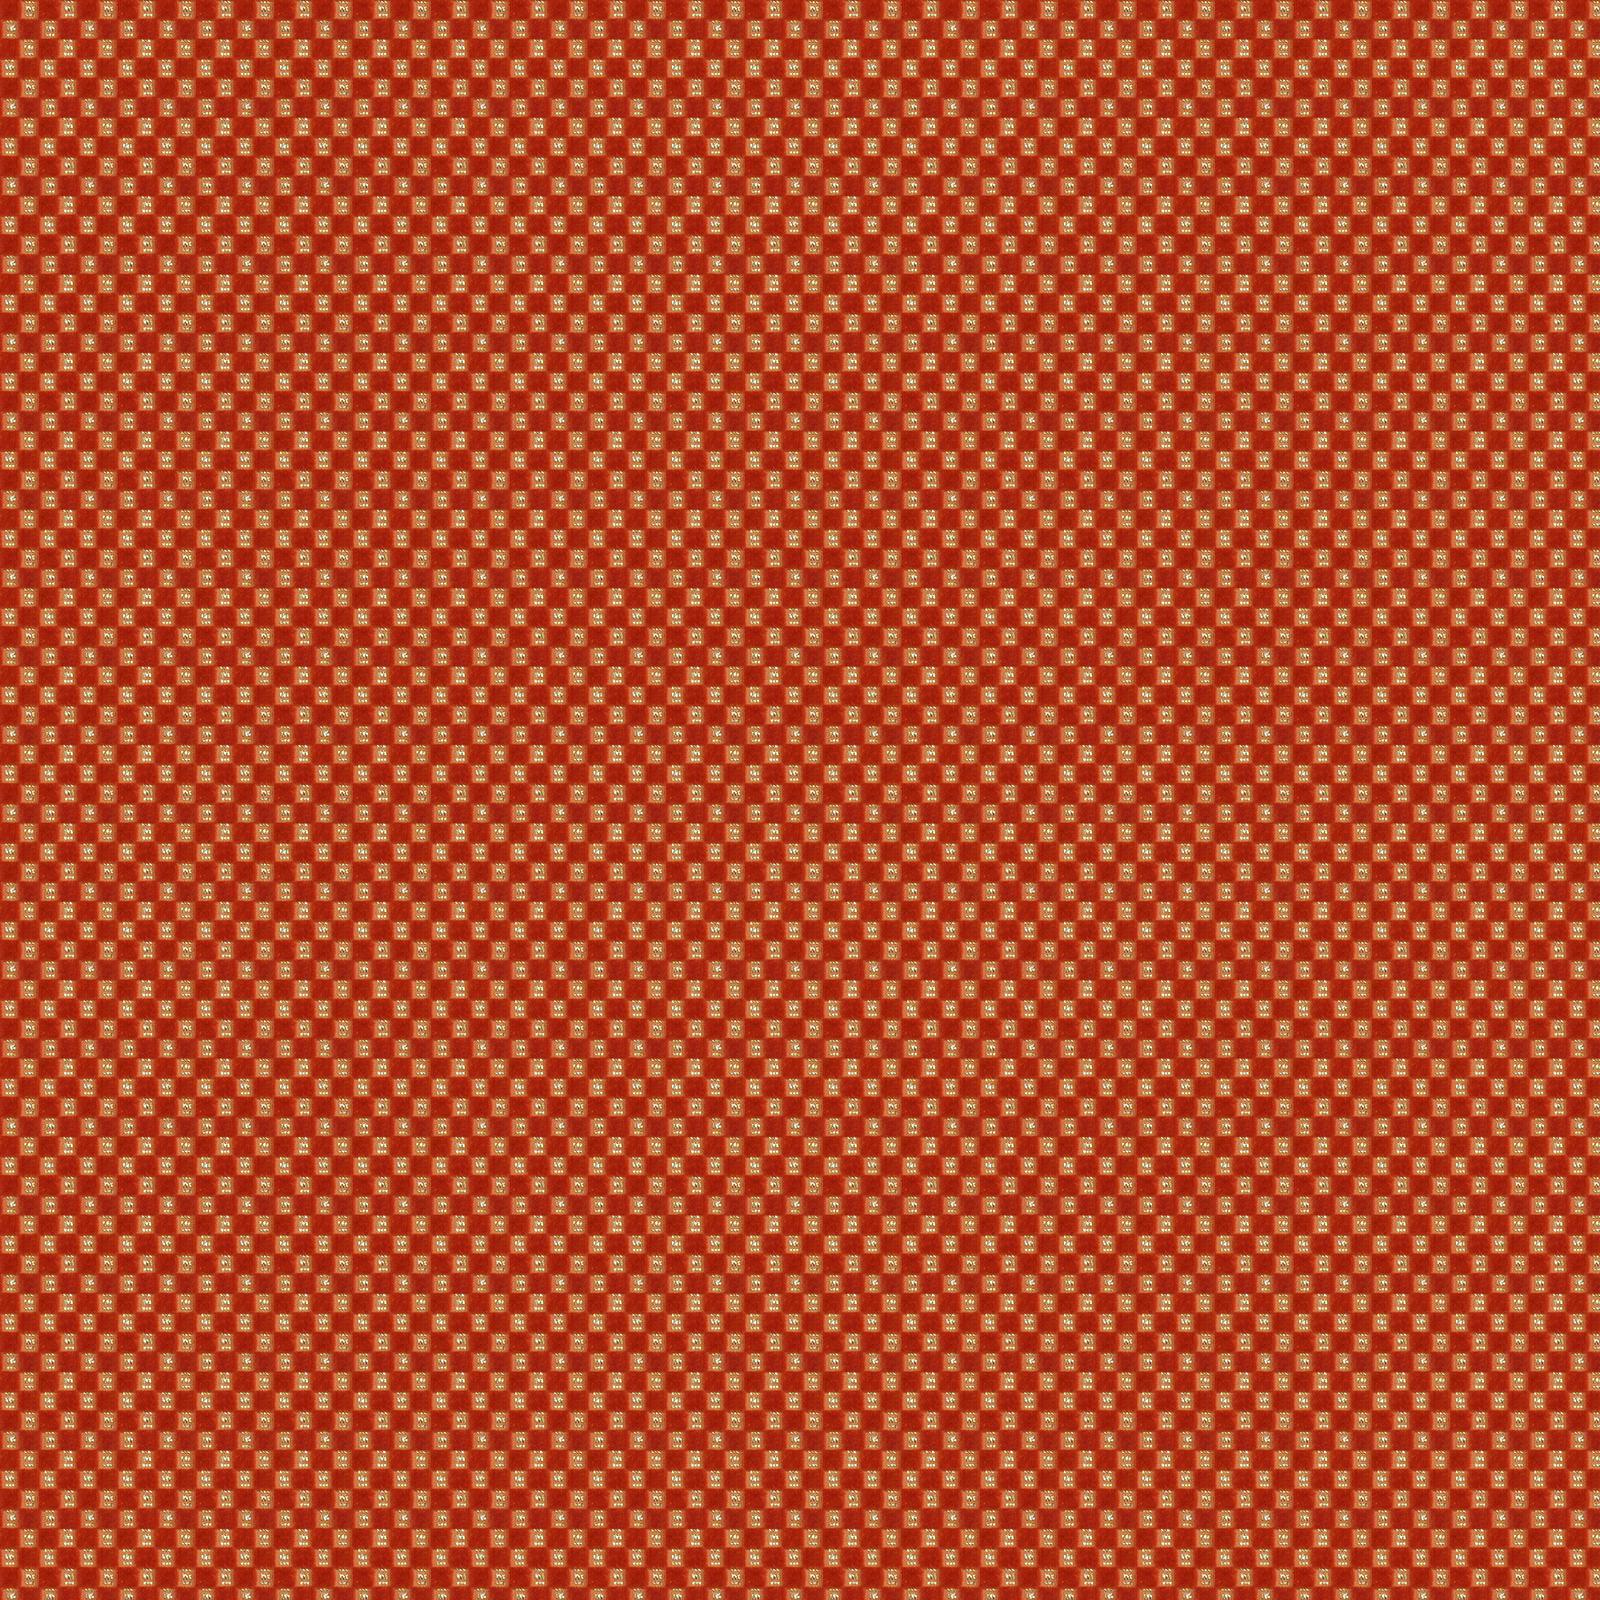 Bed Sheet Texture Kawaii Neko Cat